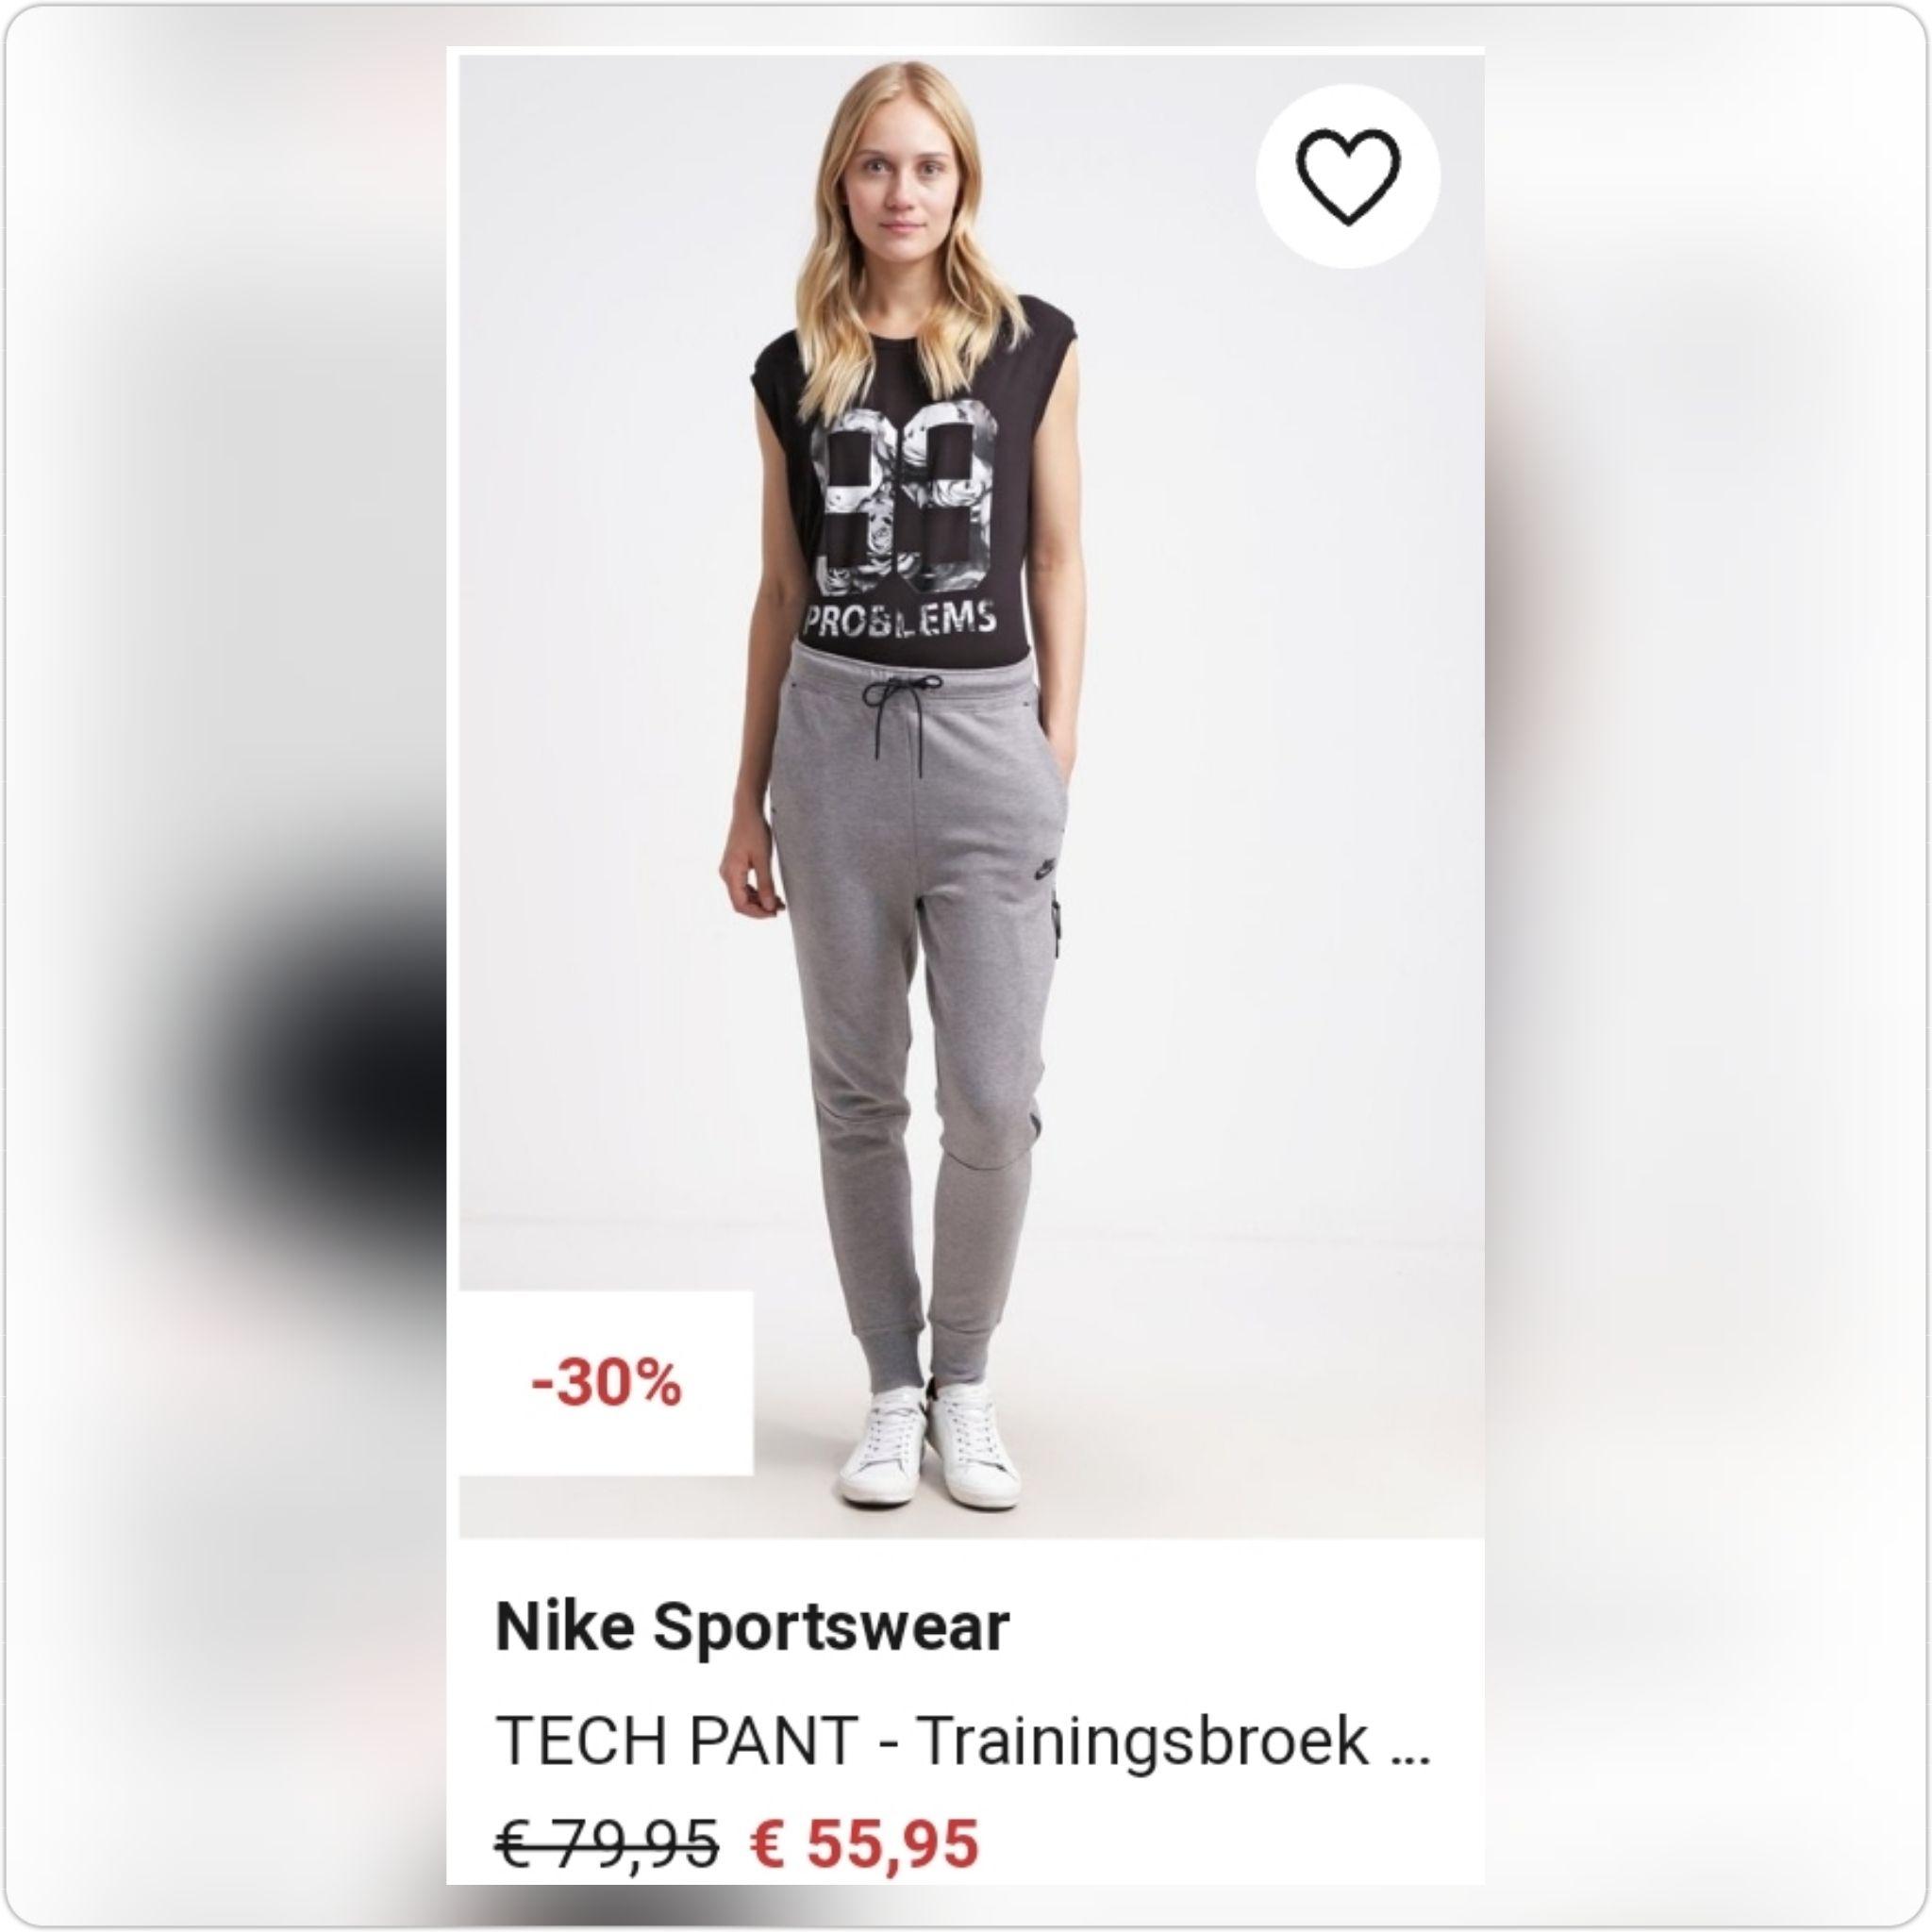 Nike Sportswear  TECH PANT - Trainingsbroek  @ Zalando